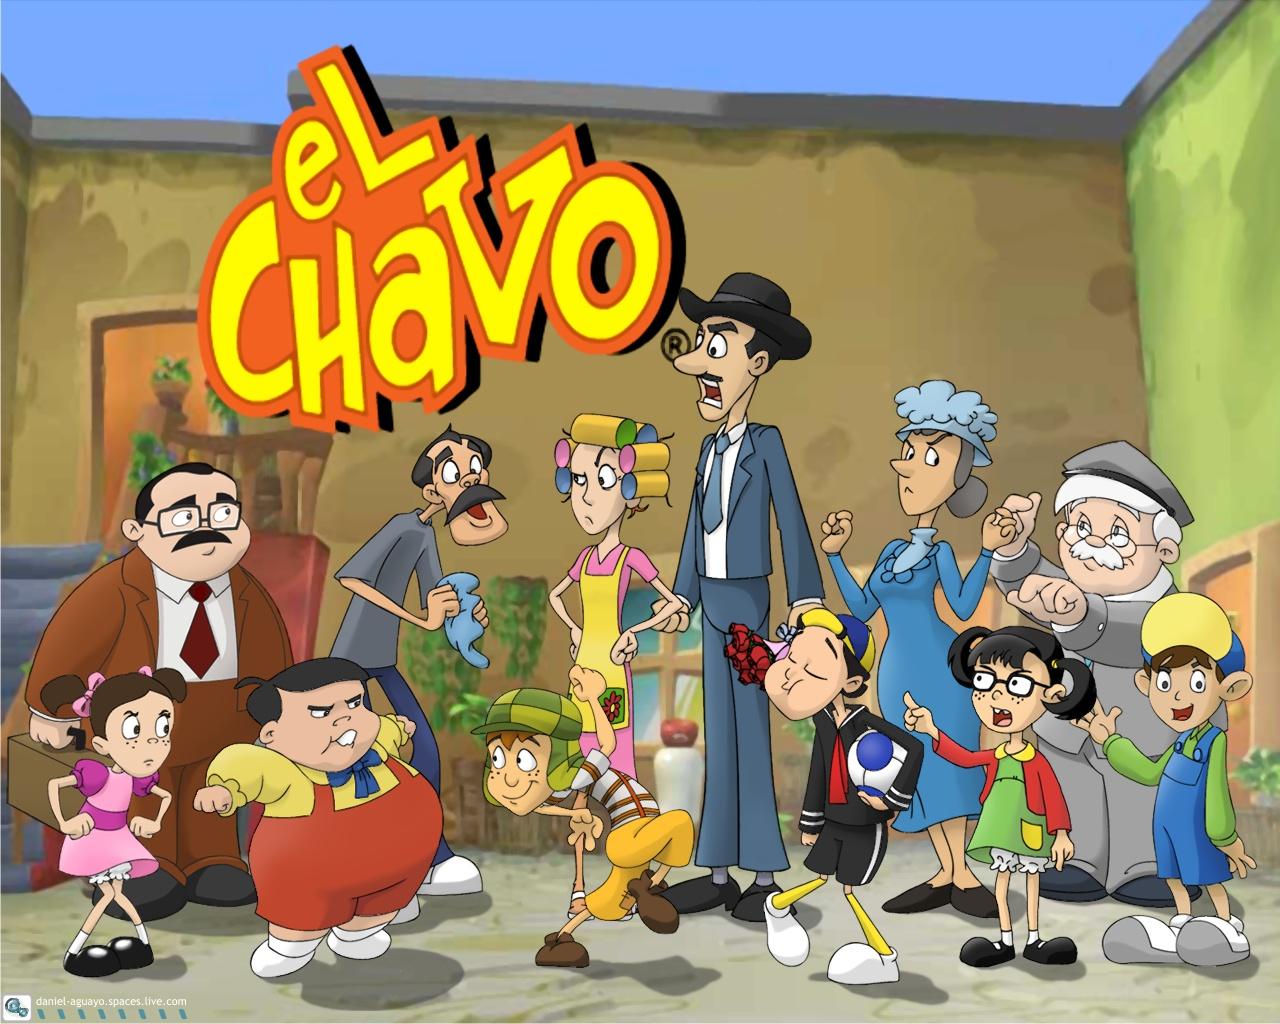 GRUPO DE DISFRACES NUEVA GENERACION CHIMALTECA - El Chavo Animado